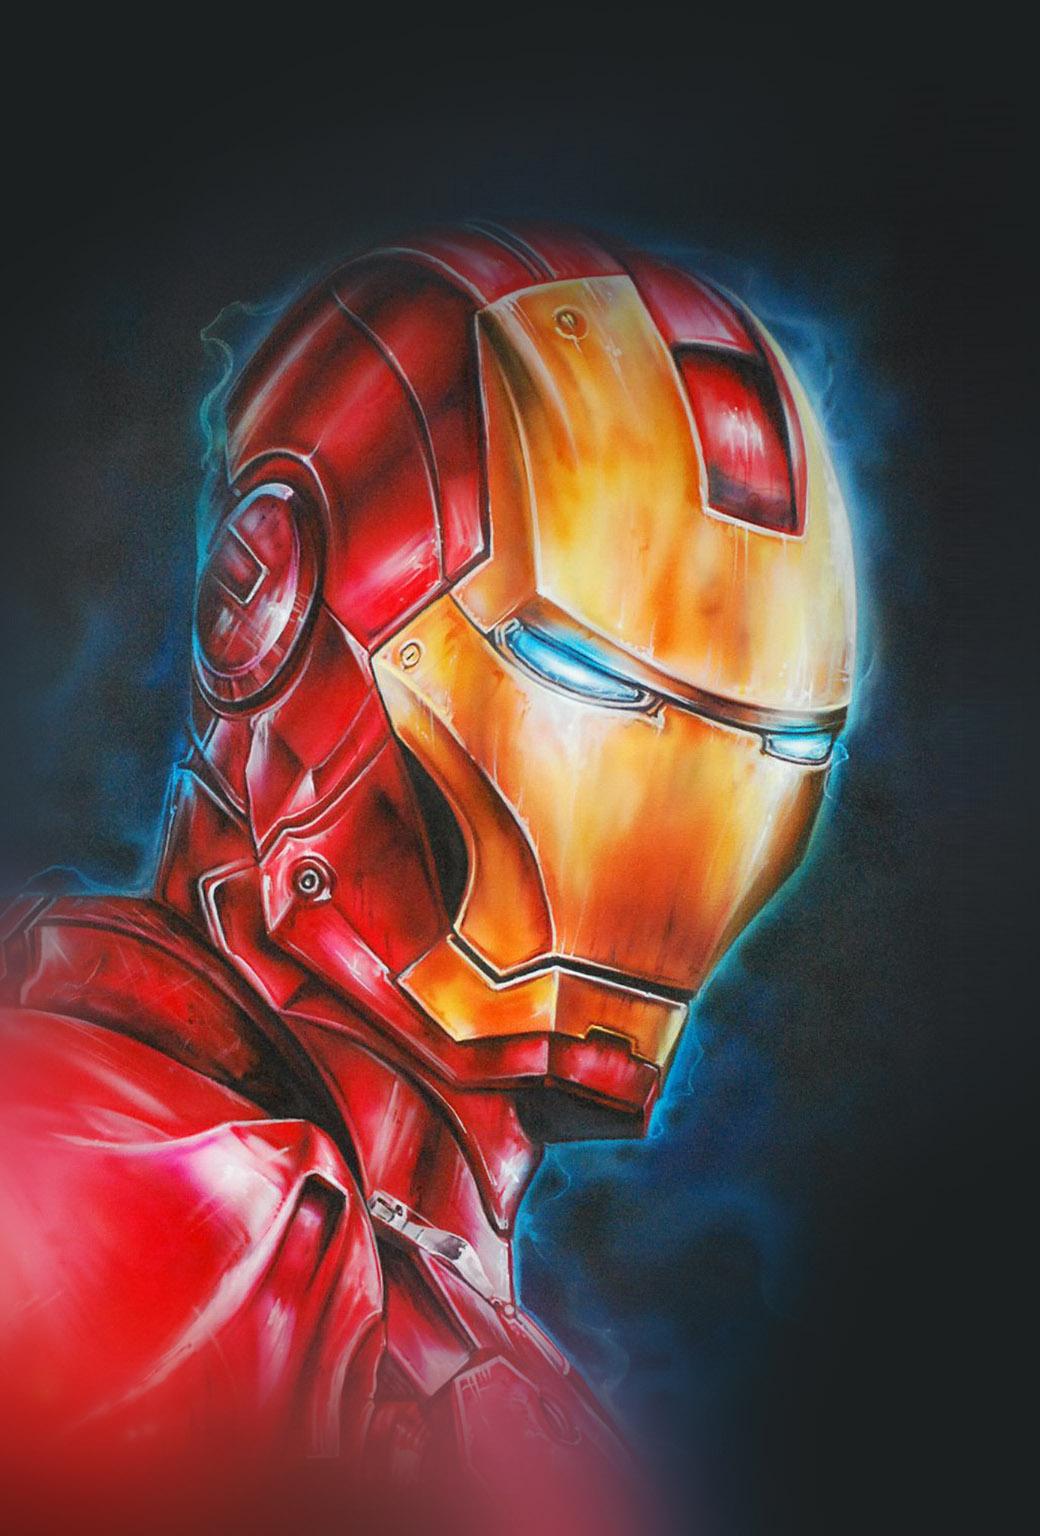 Superhero Wallpaper Iphone X Wallpapers Of The Week Super Hero Pack Ii